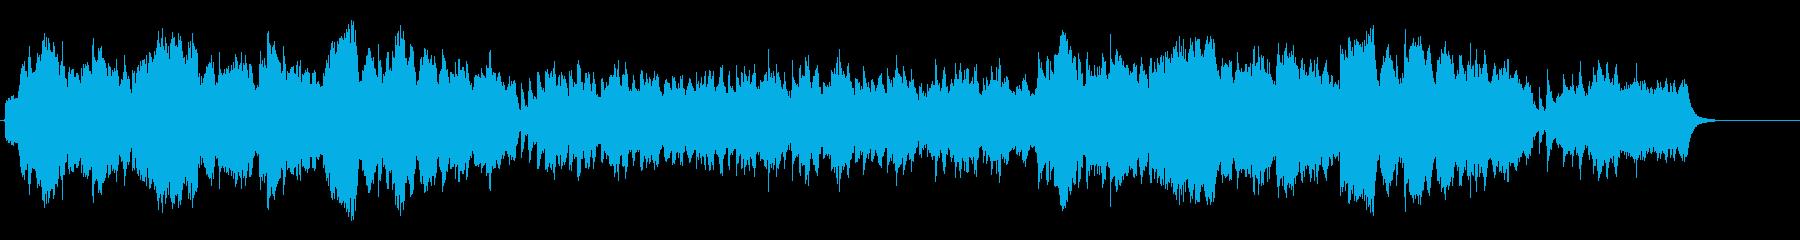 【リズム抜き】和風のおだやかな曲/琴と笛の再生済みの波形